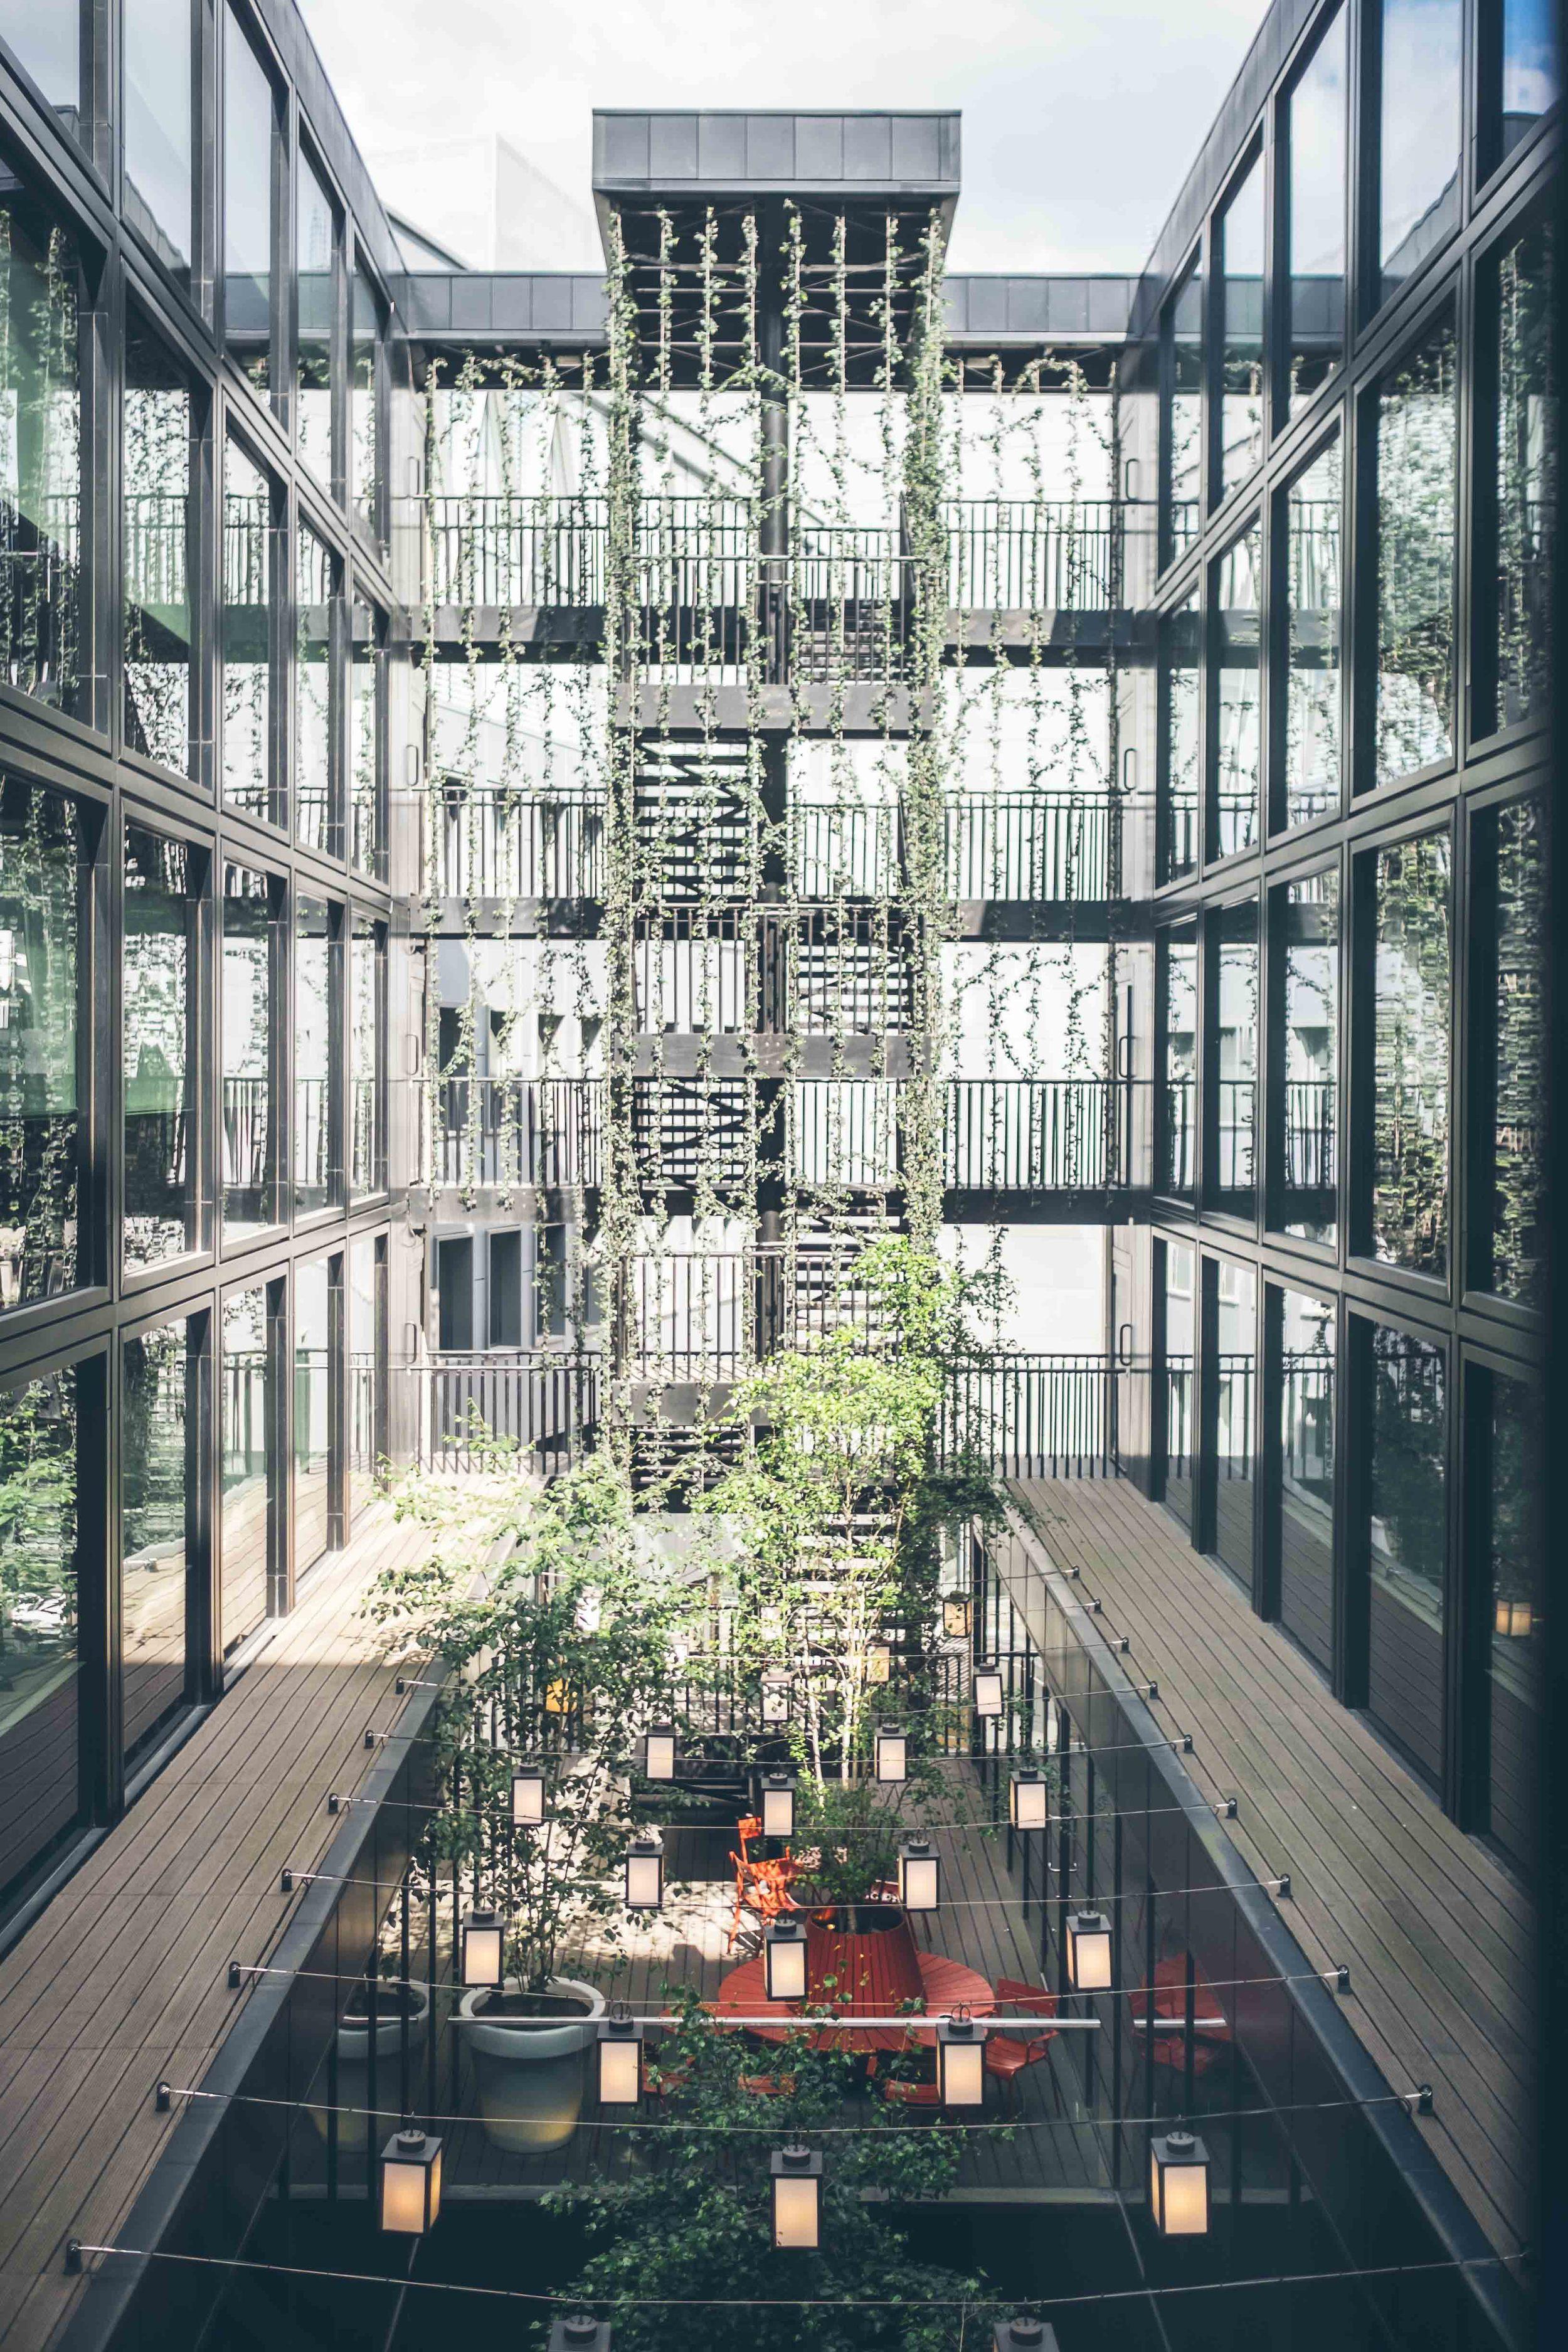 CitizenM: Atrium